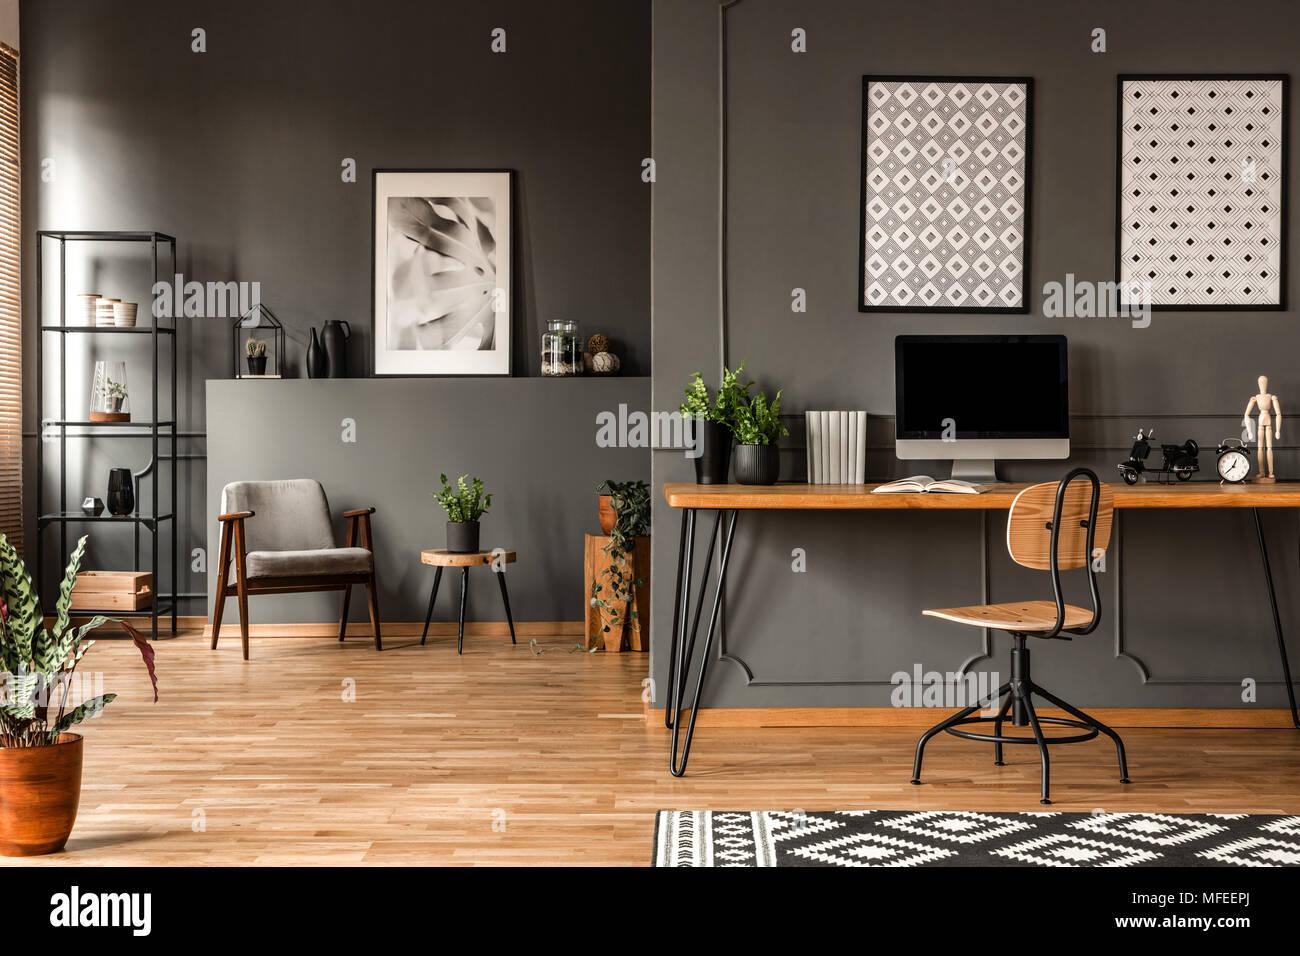 Gemusterte Poster über dem Schreibtisch mit computer monitor Grau home office Einrichtung mit Pflanzen Stockbild